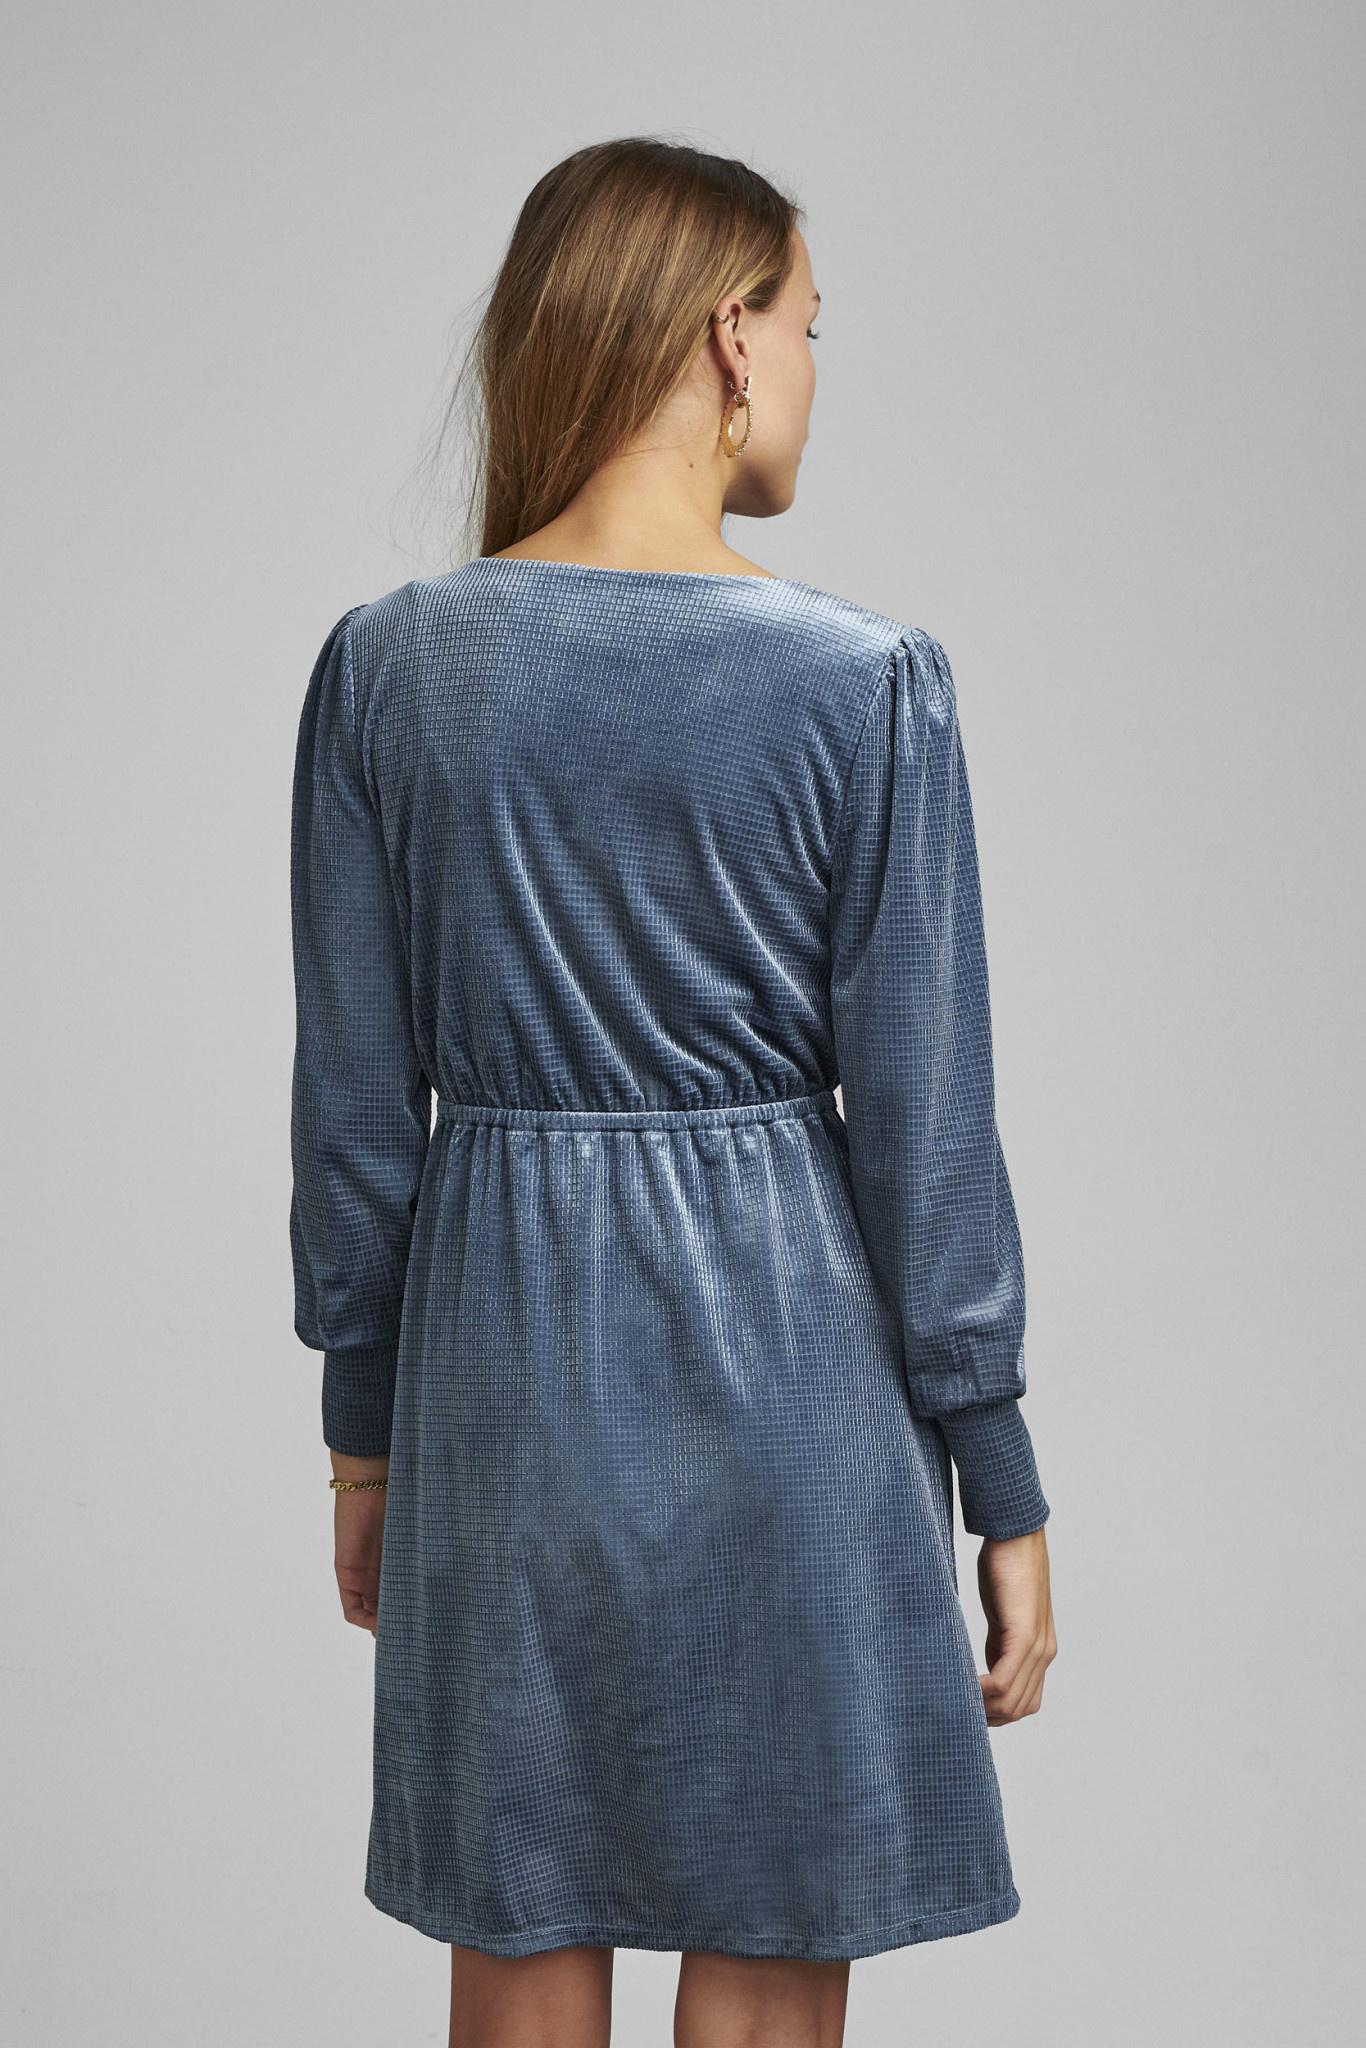 Nümph Britannia Dress